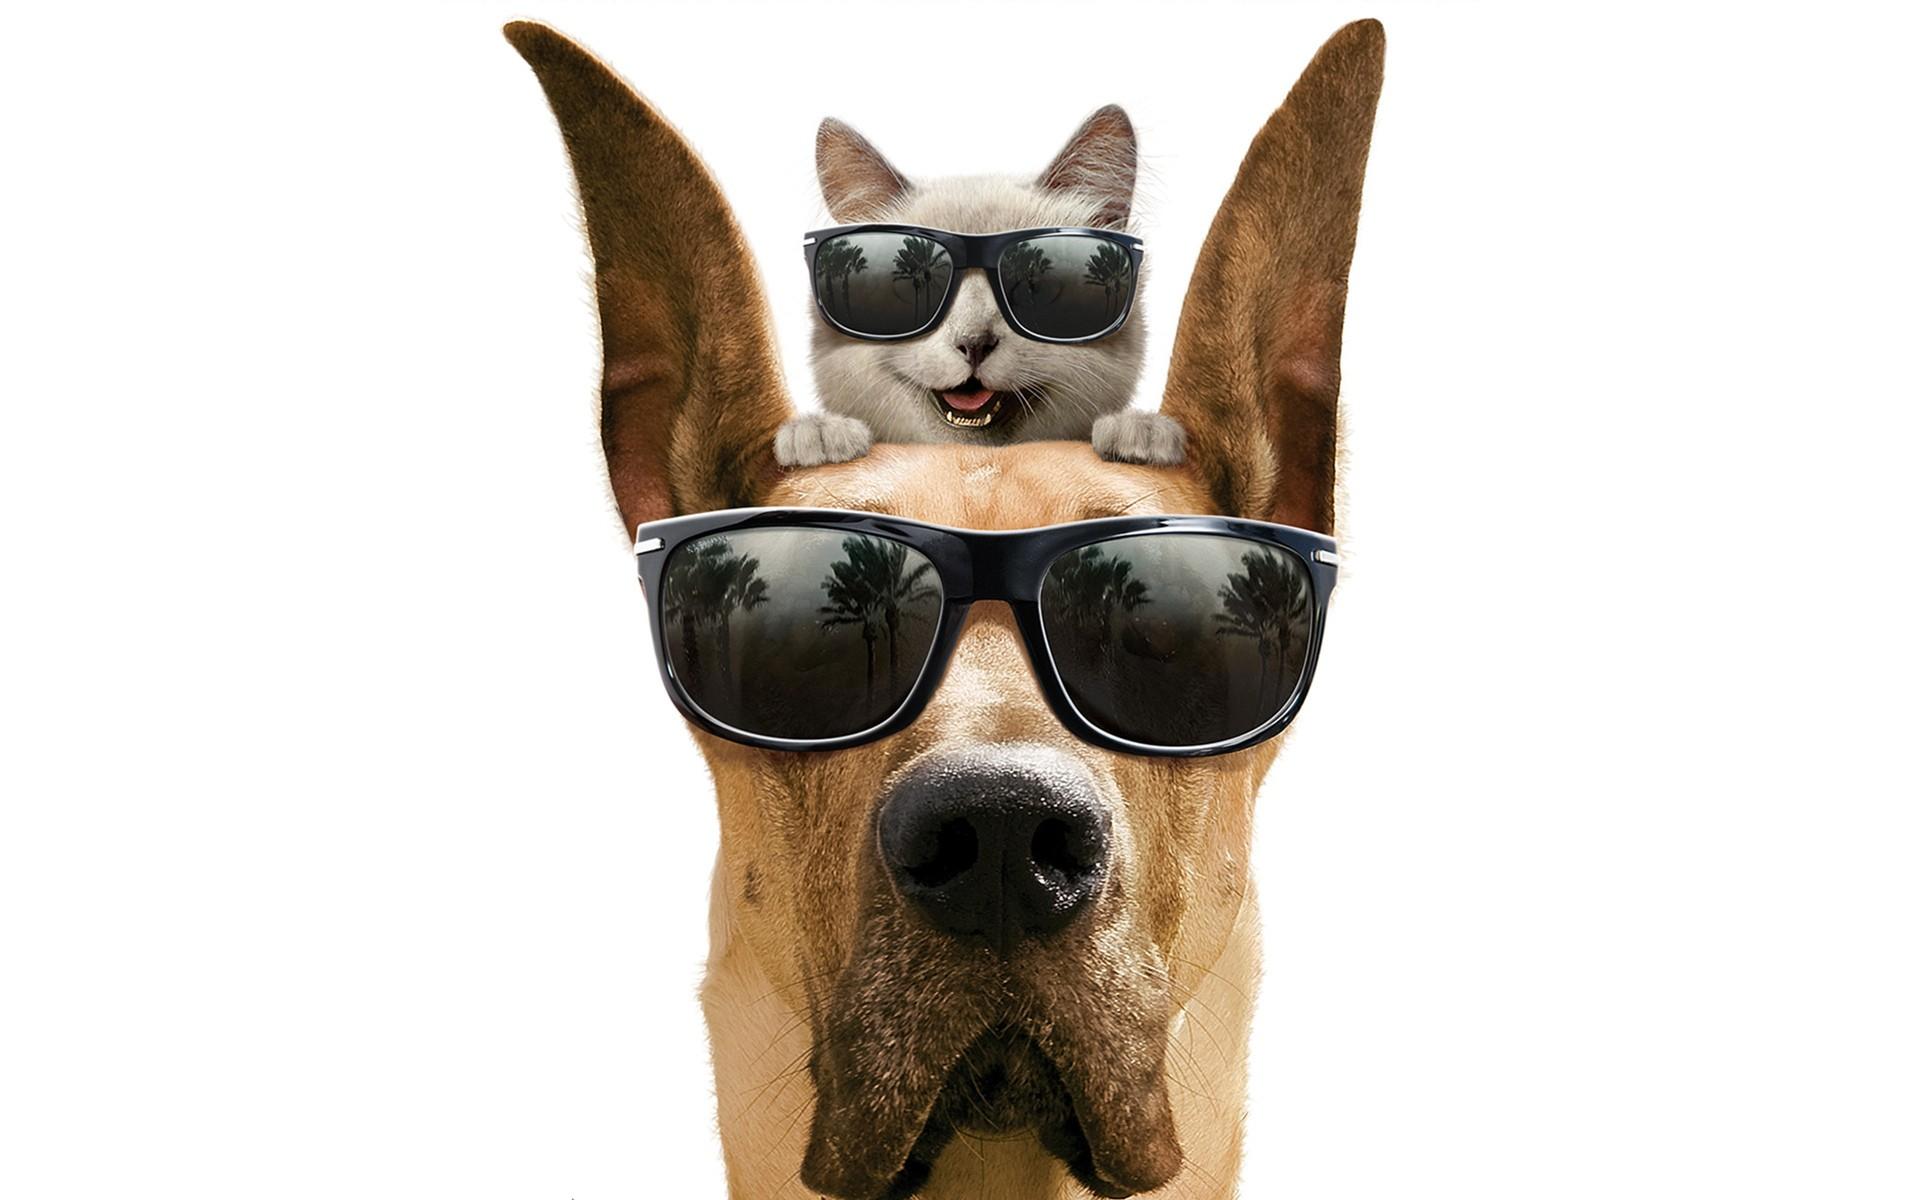 Como perros y gatos - 1920x1200